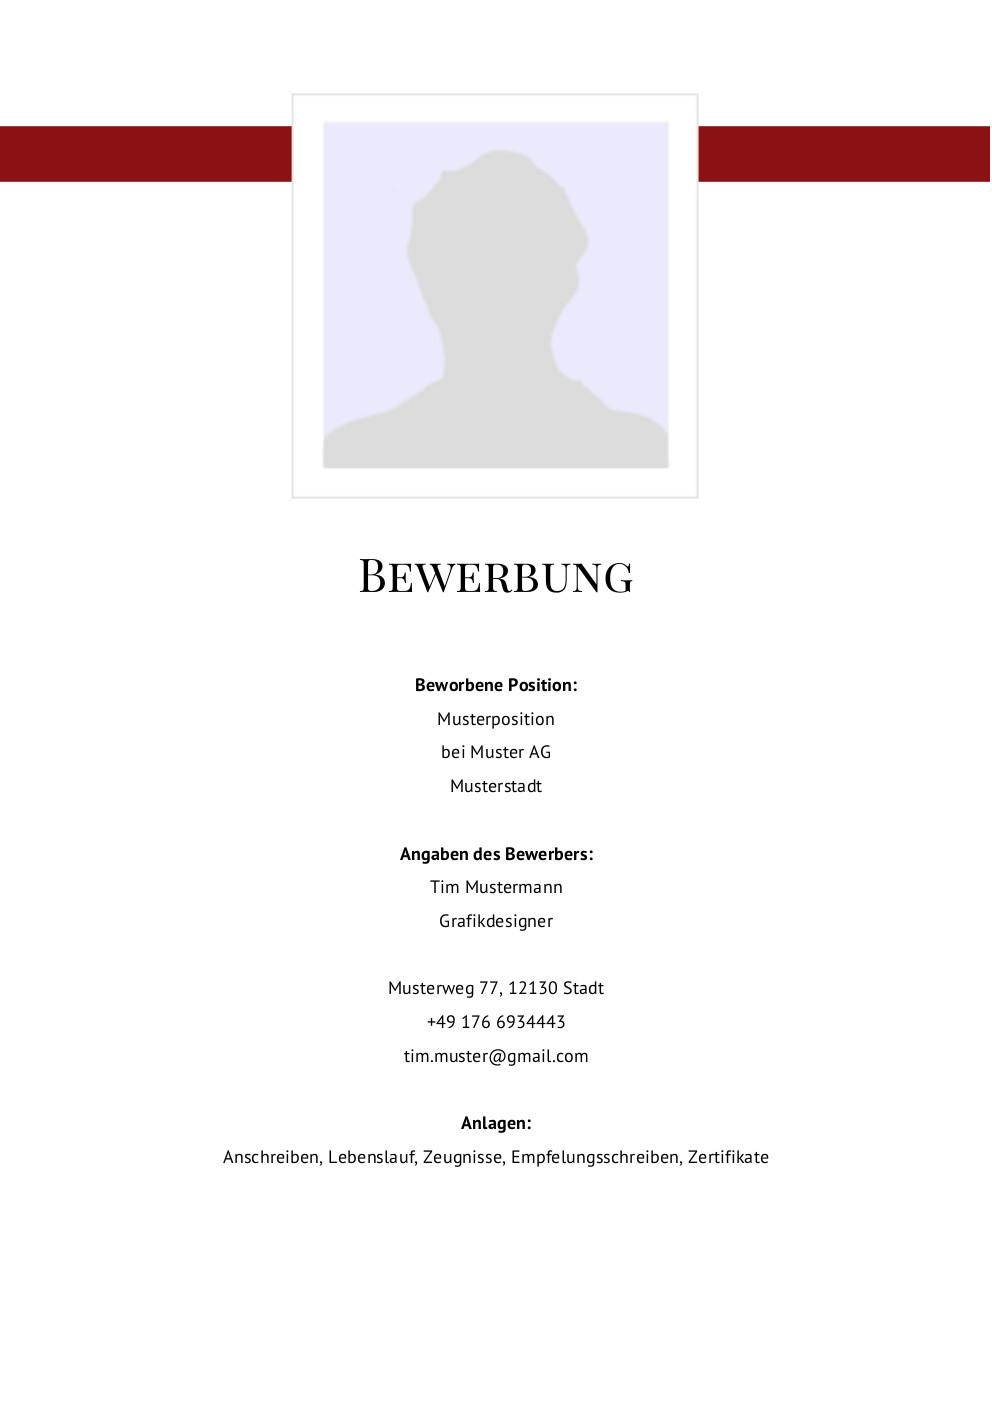 muster vorlage herunterladen deckblatt vorlage 11 - Bewerbungen Vorlage